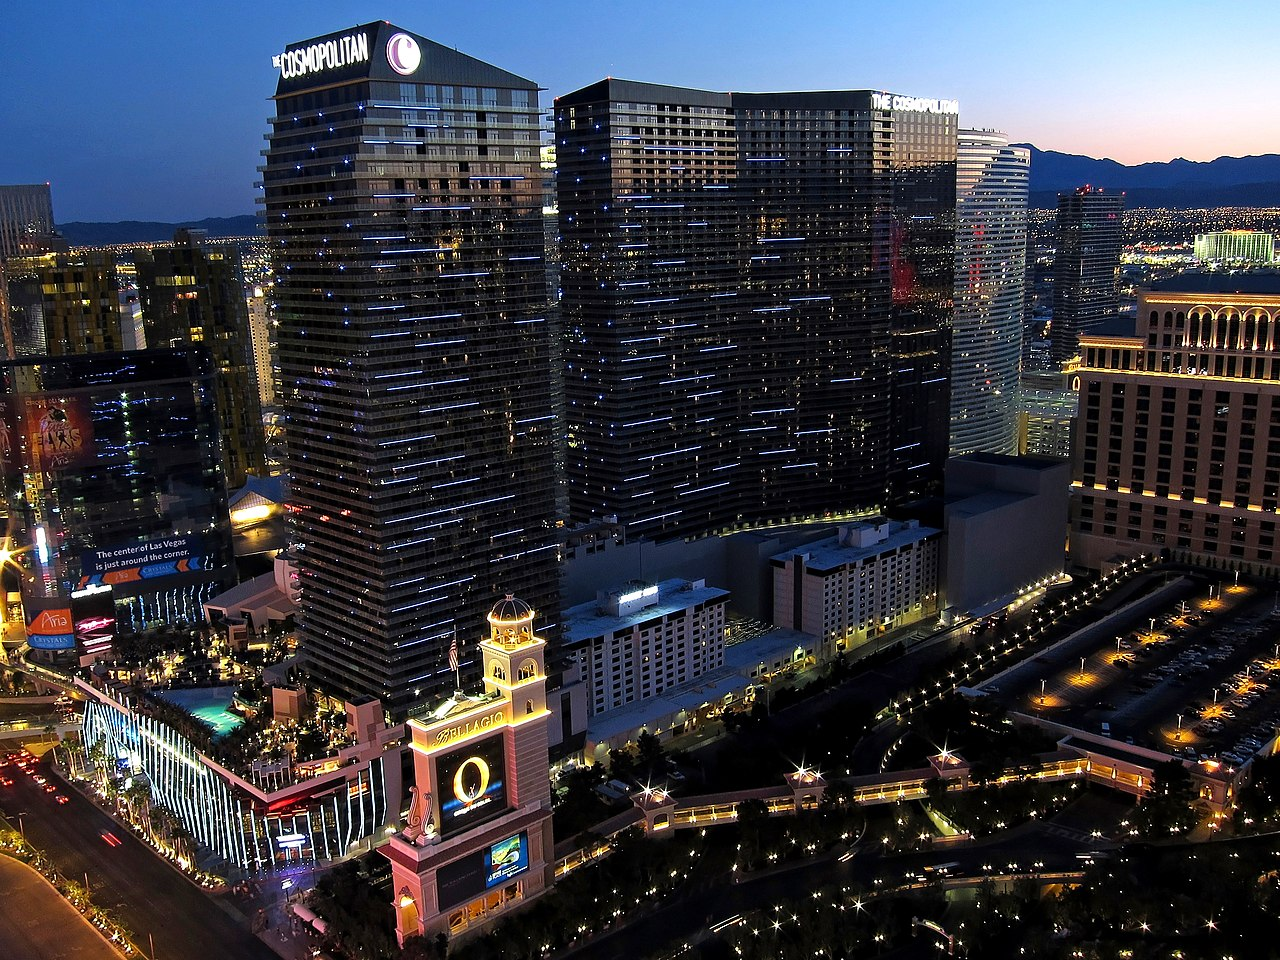 Cosmopolitan Hotel Las Vegas Room Photo Gallery